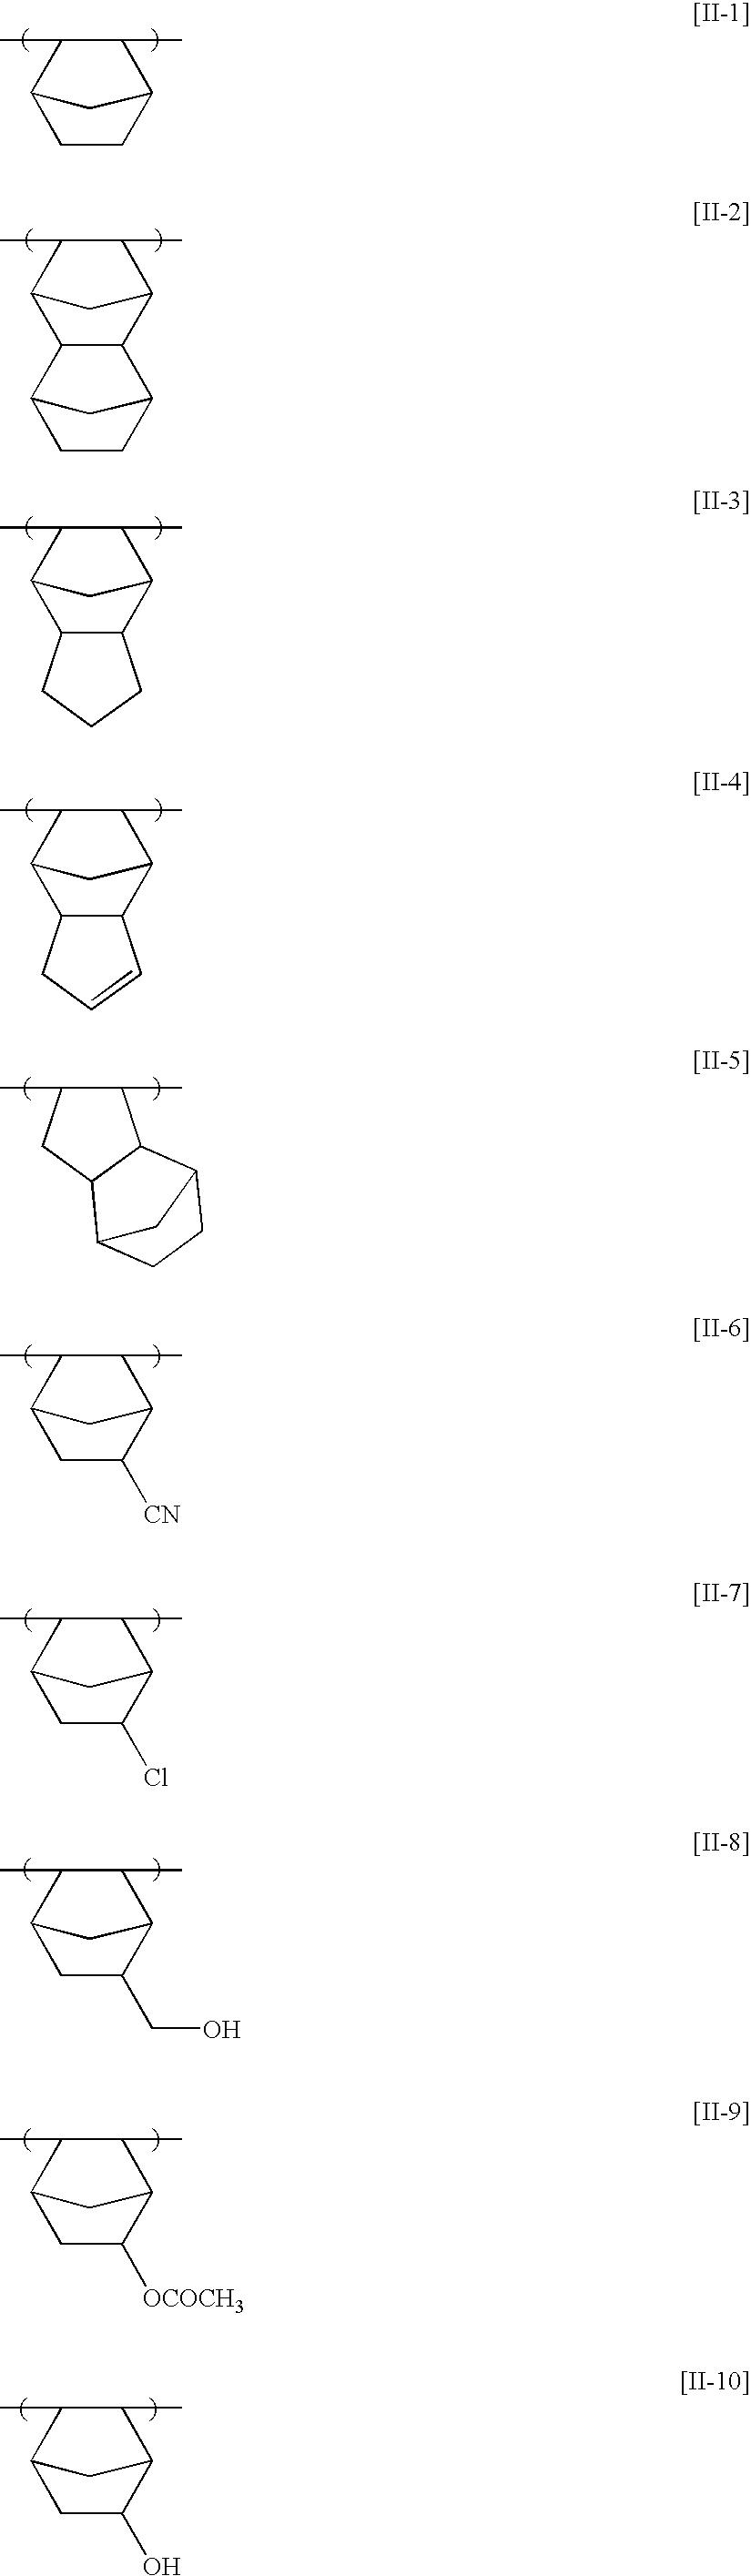 Figure US07985534-20110726-C00019